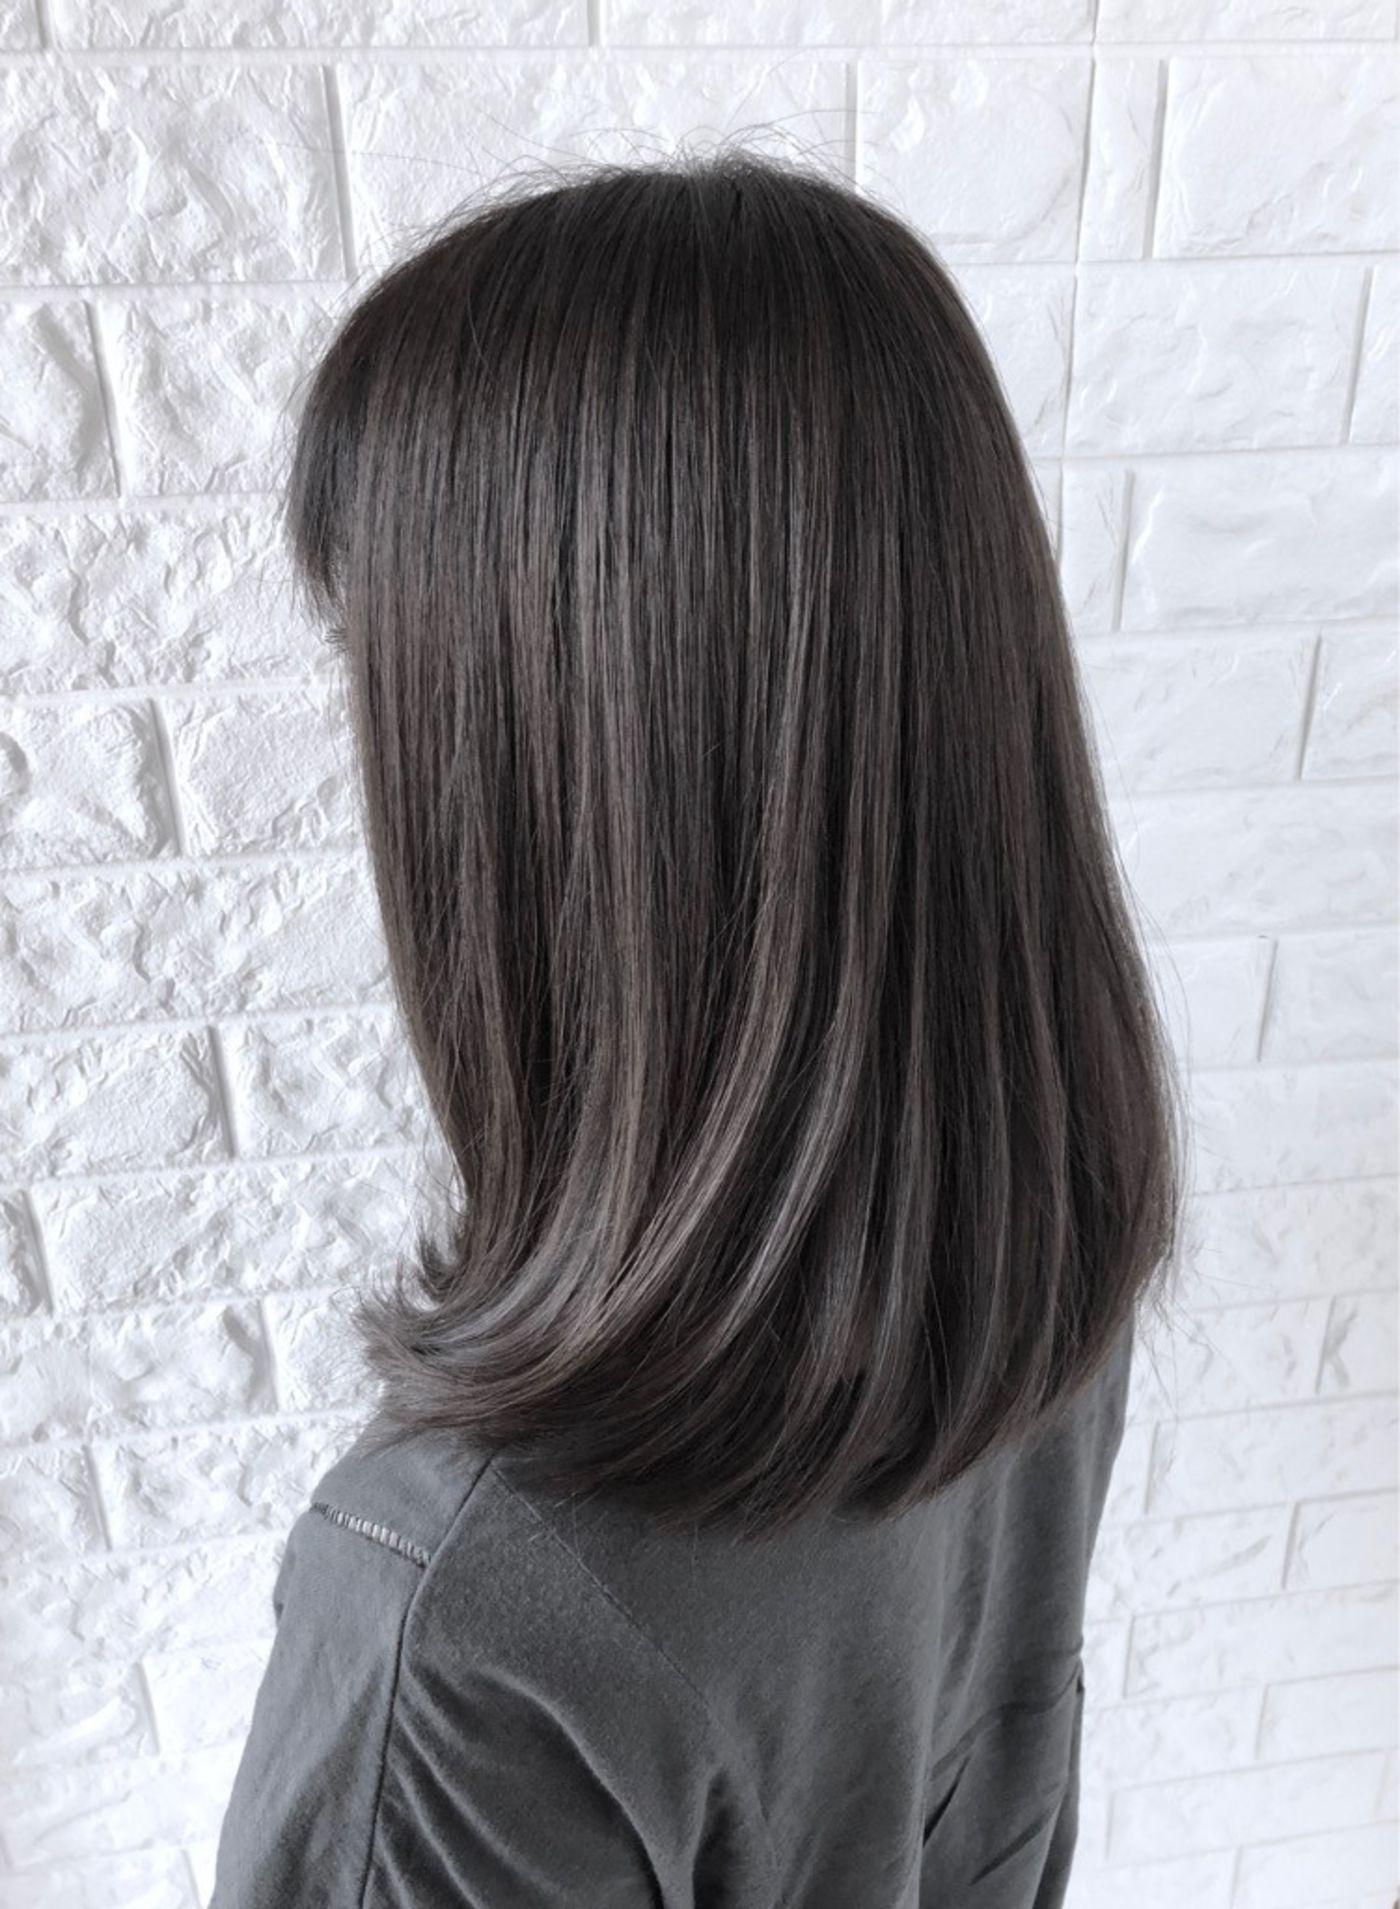 おすすめヘアスタイル2:髪のツヤをキープしたいなら、肩下のワンカールミディスタイルがお勧め!